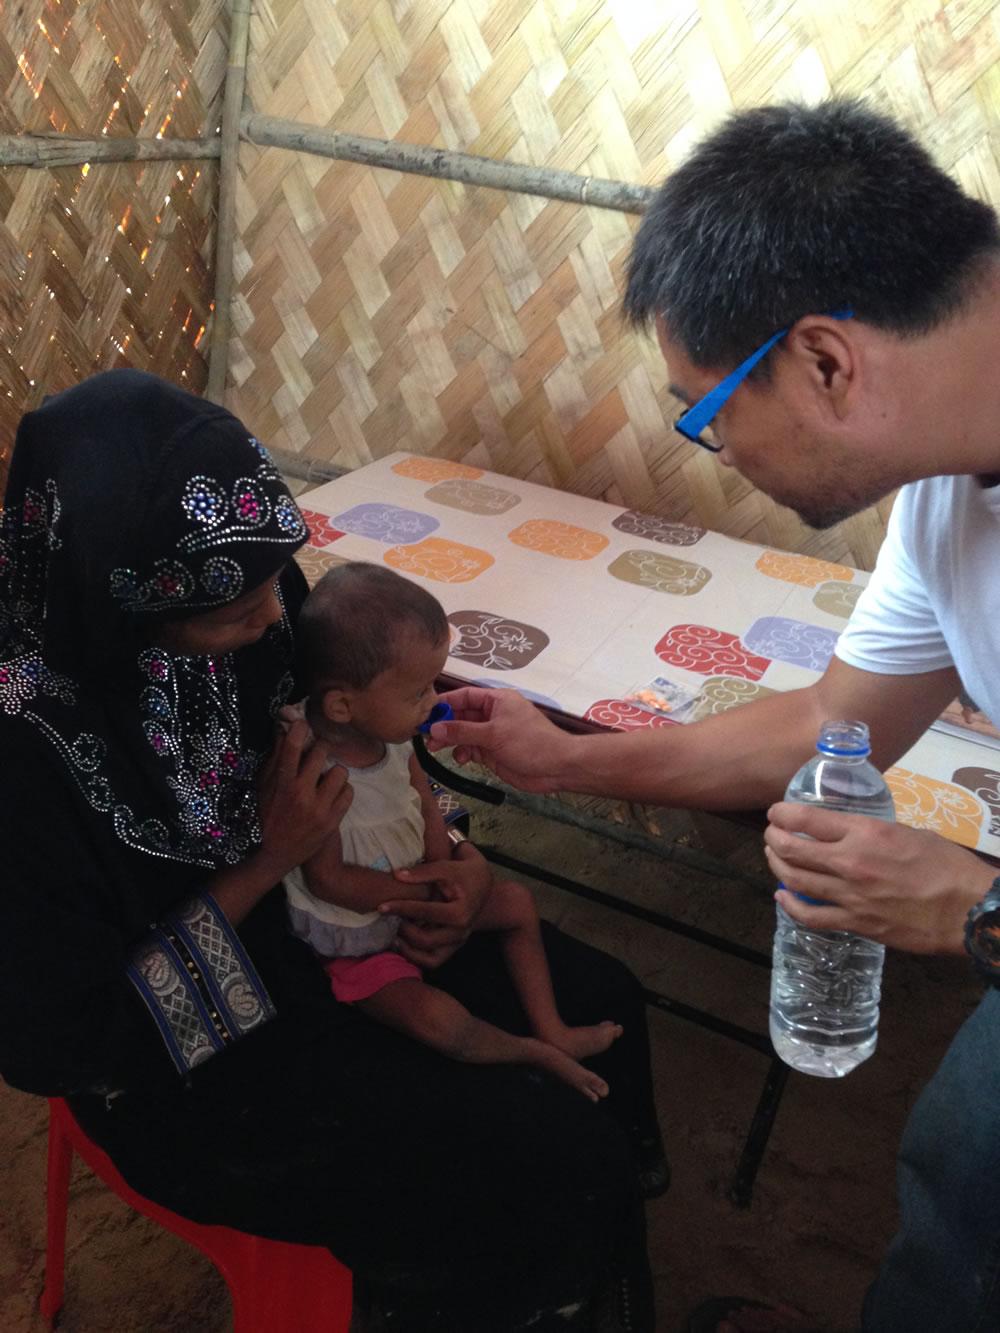 救援人員協助中度脫水病童飲用口服補充鹽液,並教導病童母親該如何餵他飲用。©Chiu Cheuk Pong